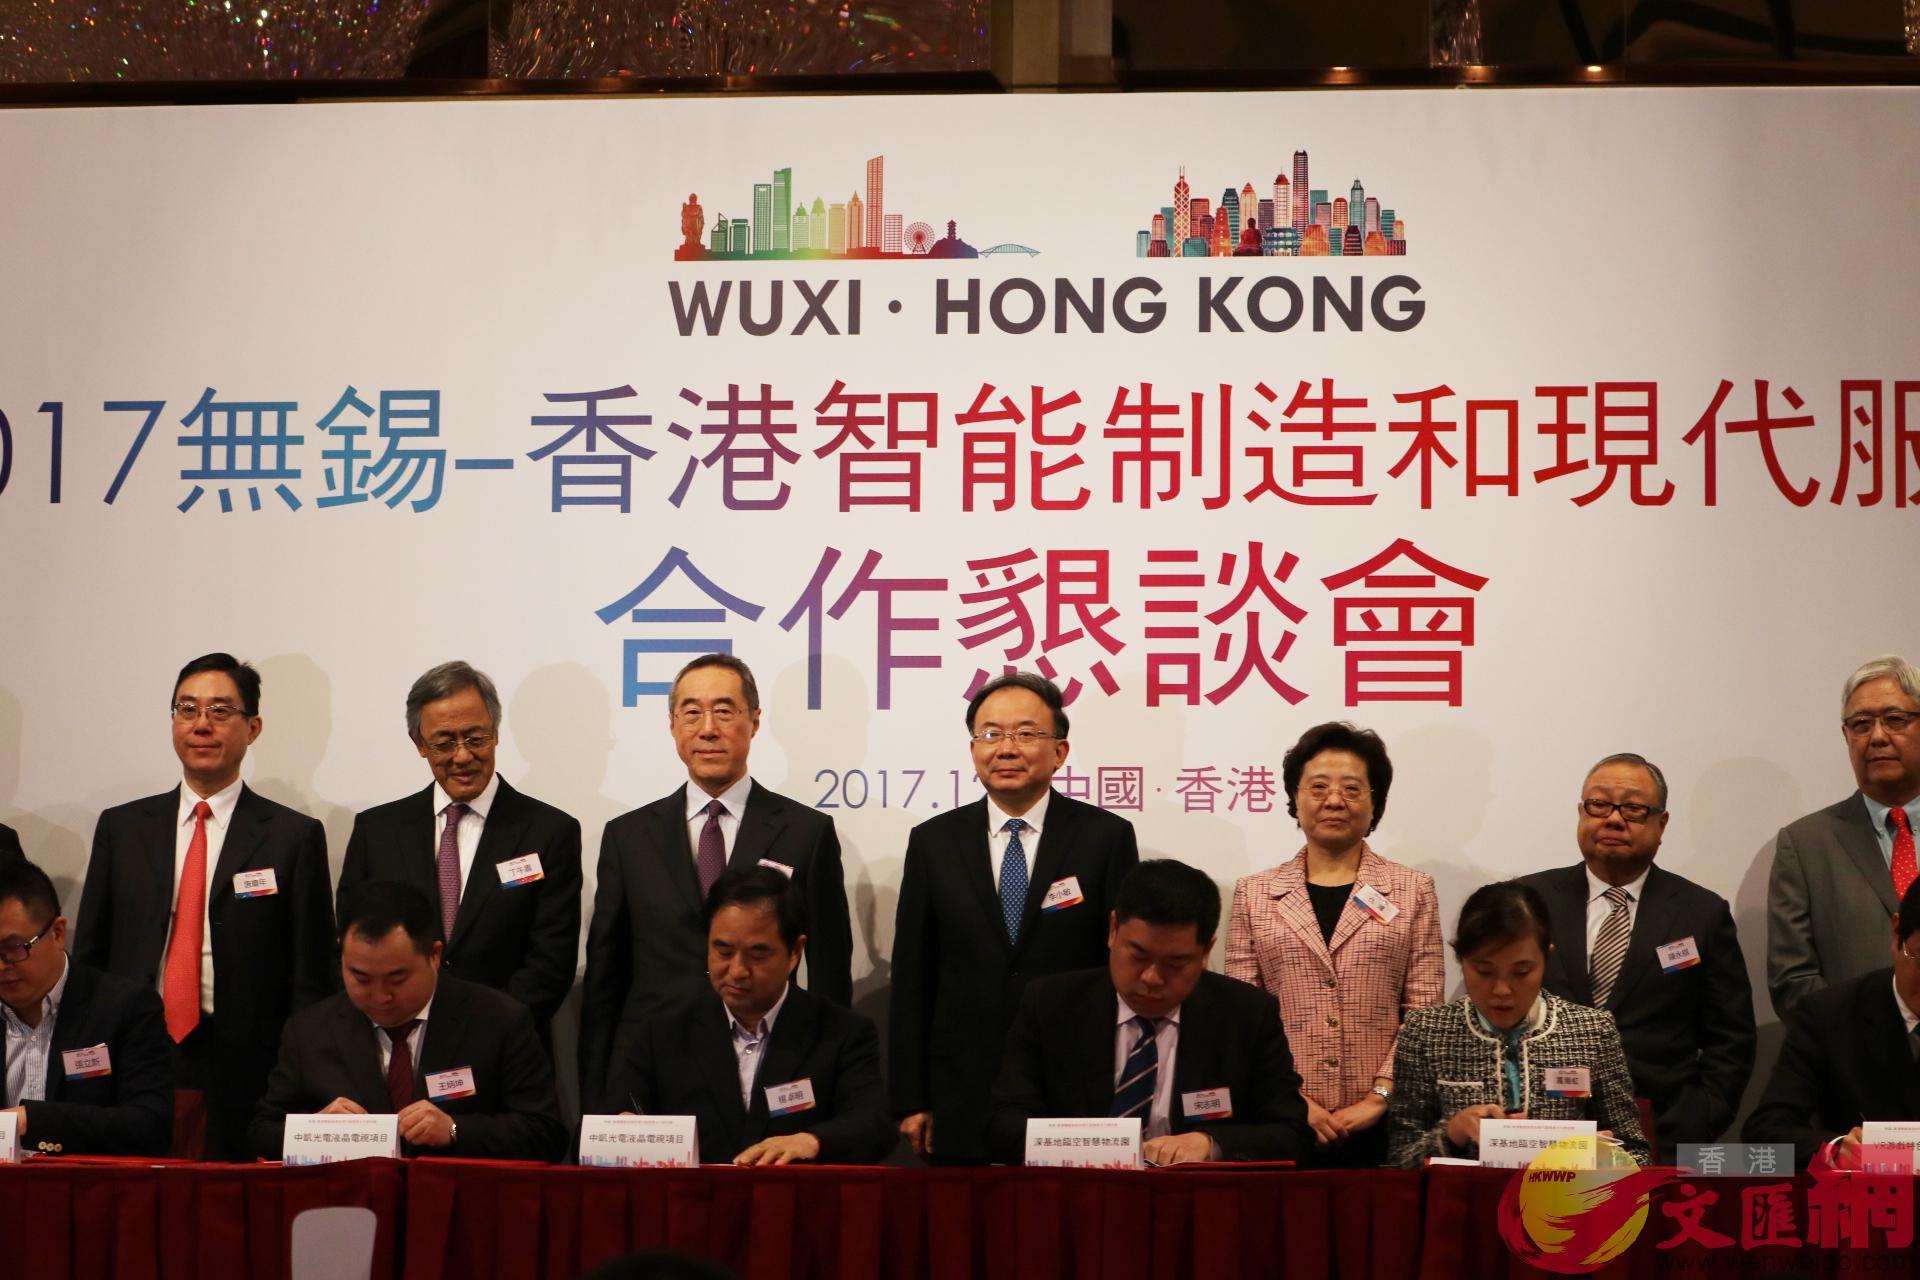 無錫香港項目簽約儀式